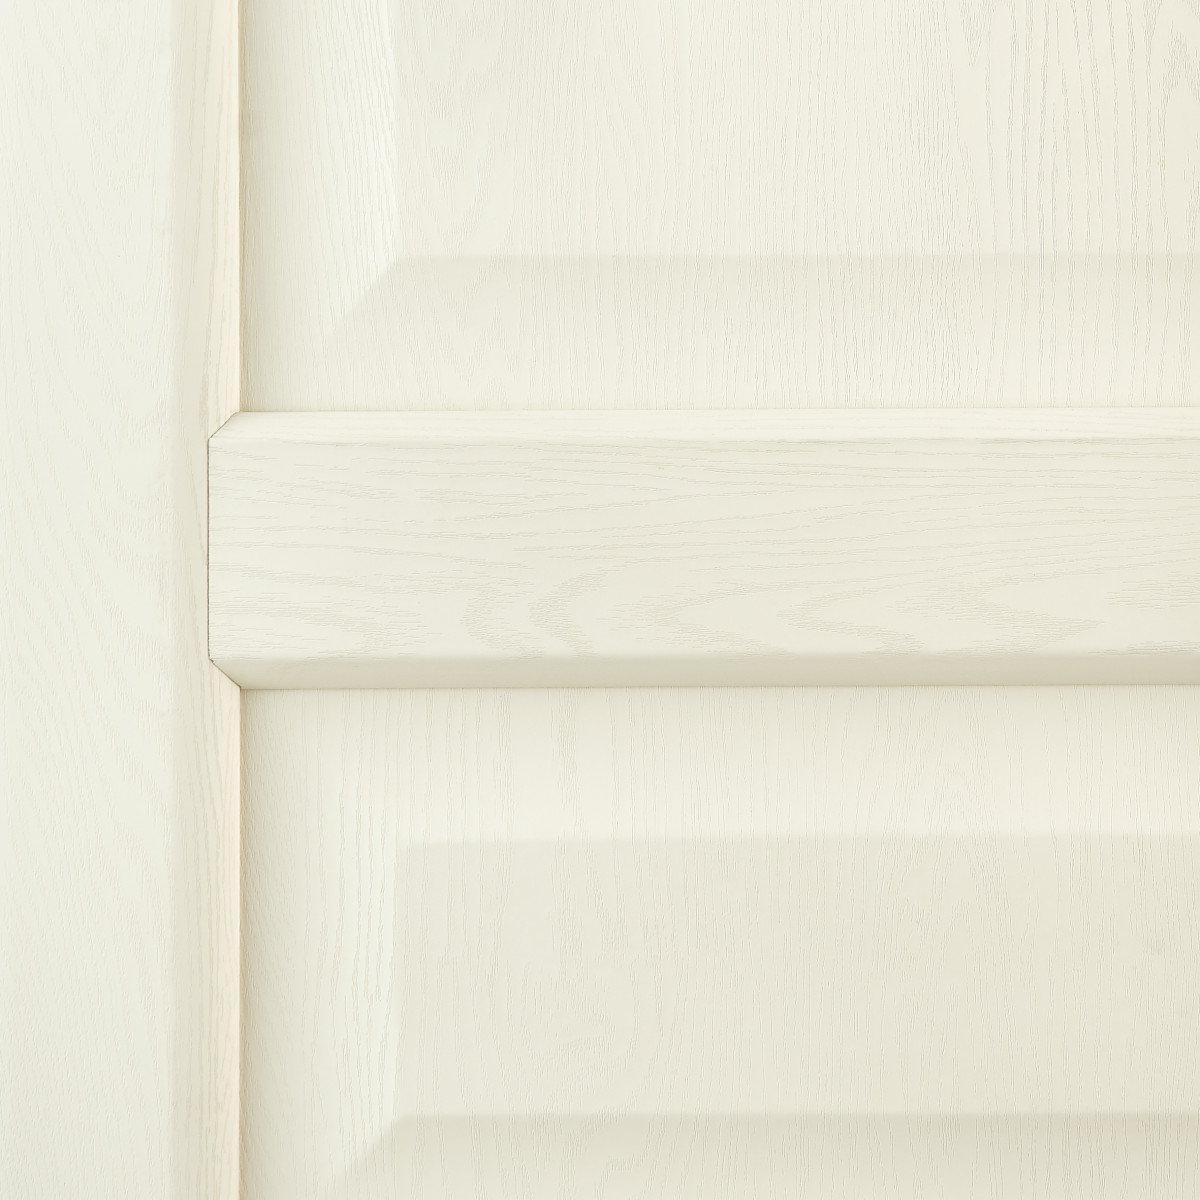 Дверь Межкомнатная Глухая Artens Мария 70x200 Пвх Цвет Айвори С Фурнитурой